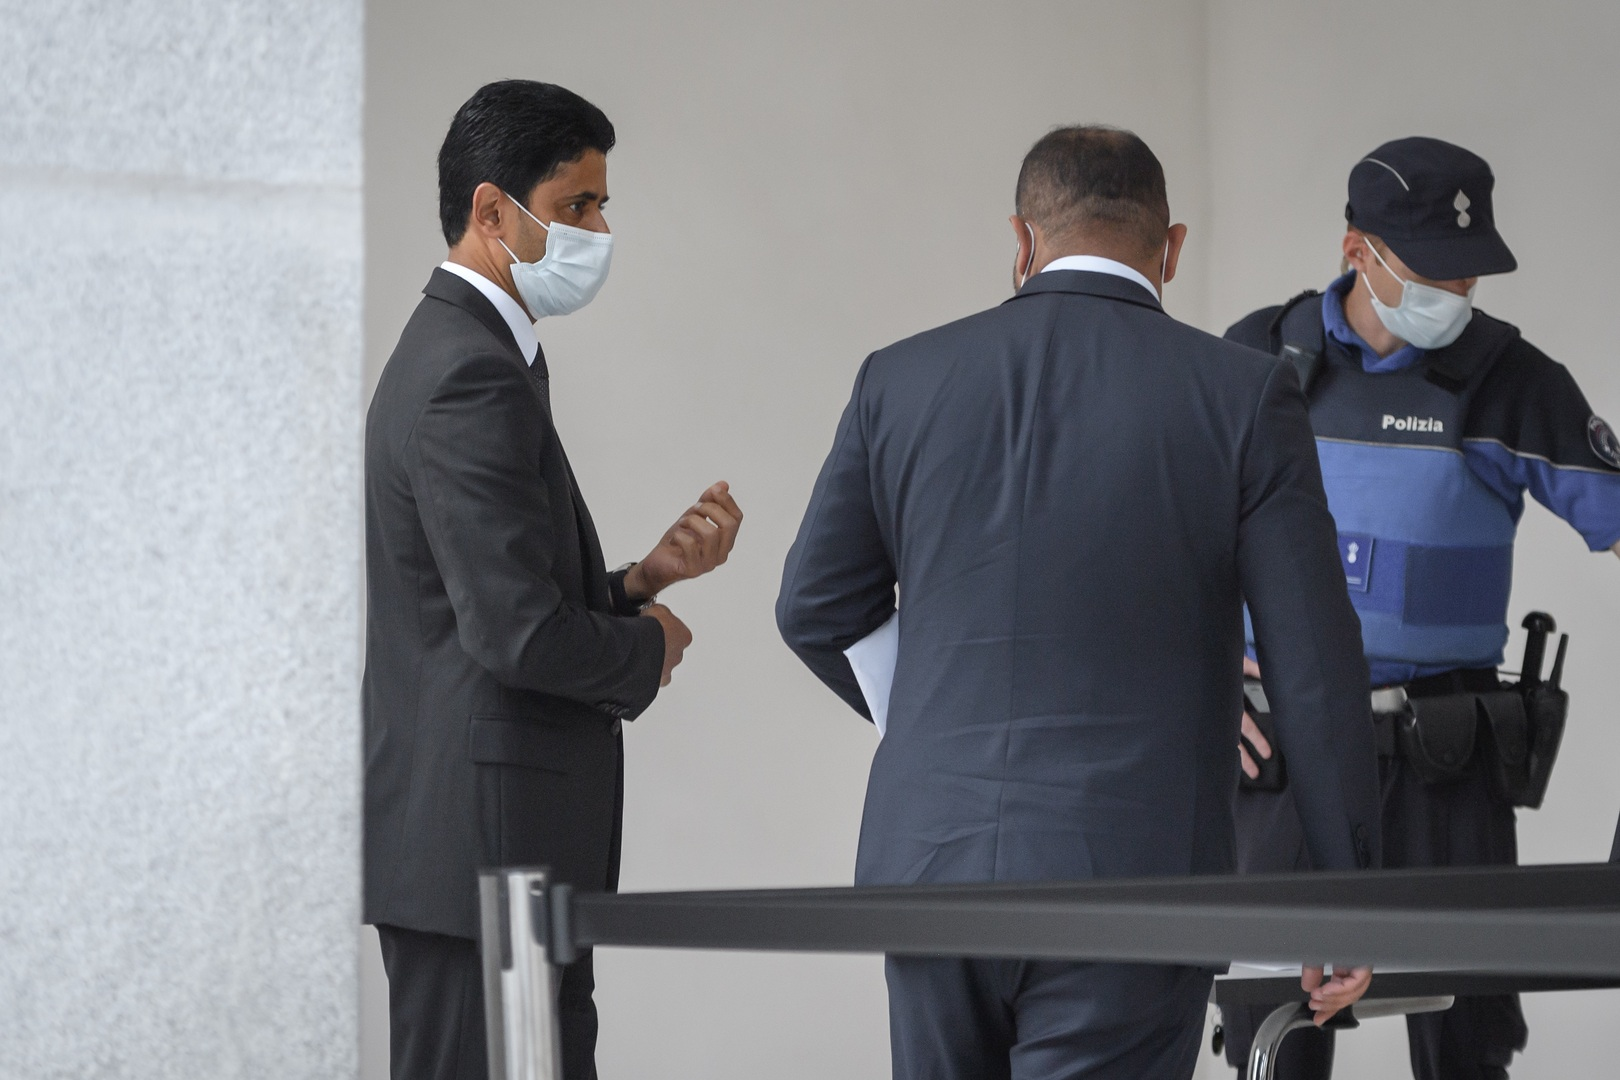 الخليفي يصل إلى سويسرا للمثول أمام القصاء.. وهذه تفاصيل التهم الموجهة إليه (صور)